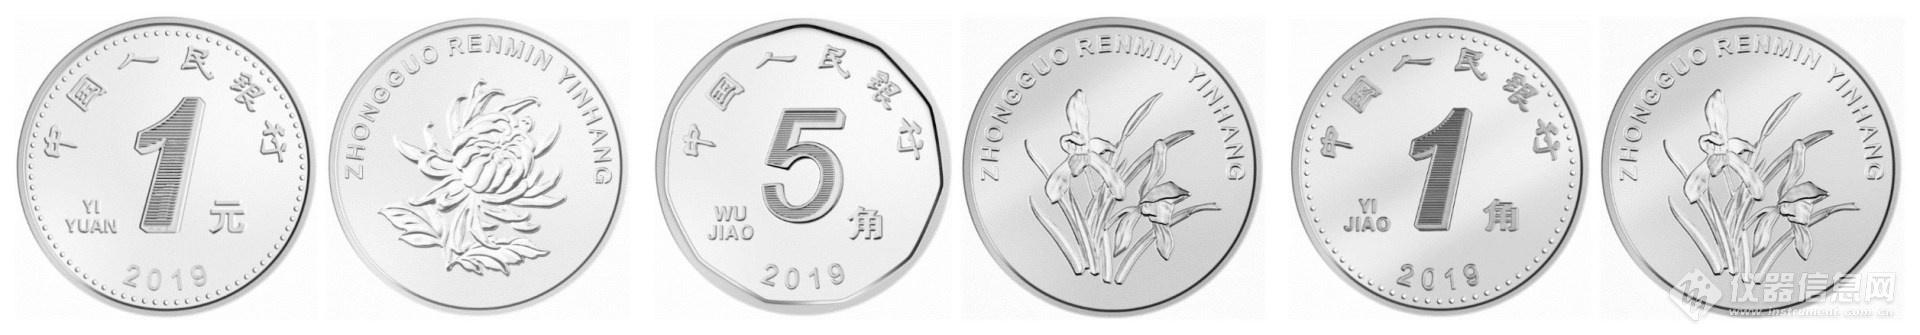 2019年版第五套人民币硬币.jpg